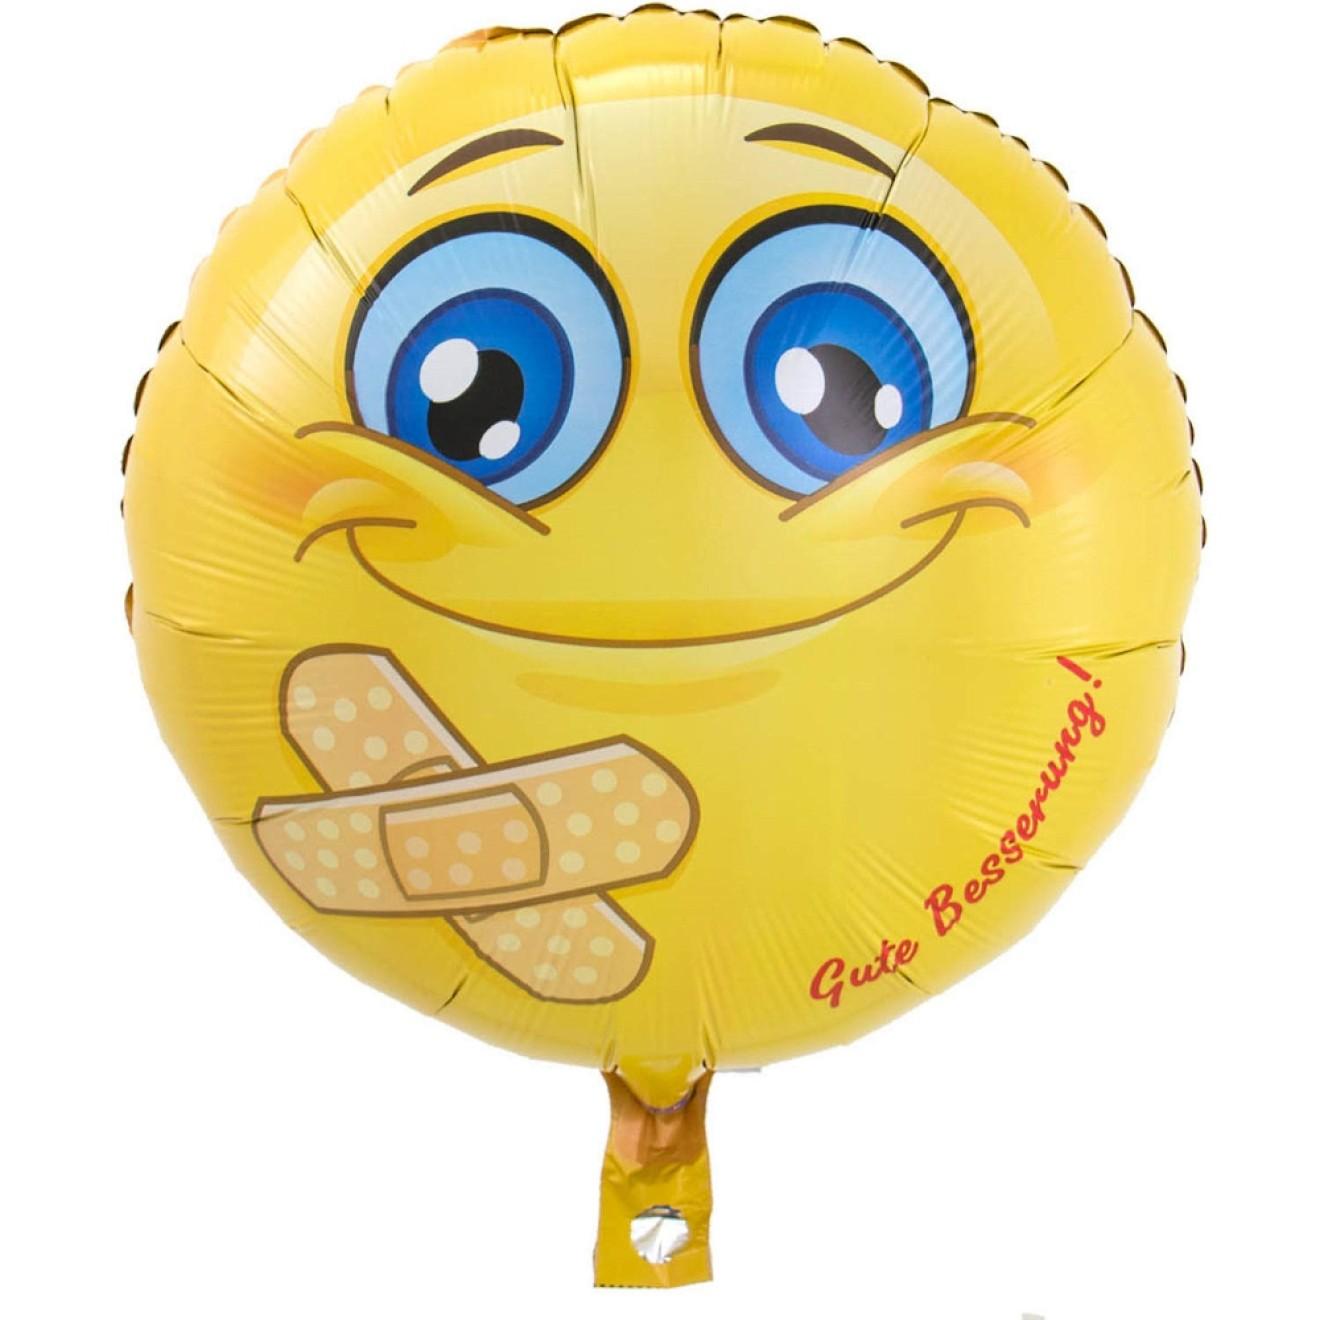 Folienballon Emojis - Gute Besserung Ø 43 cm